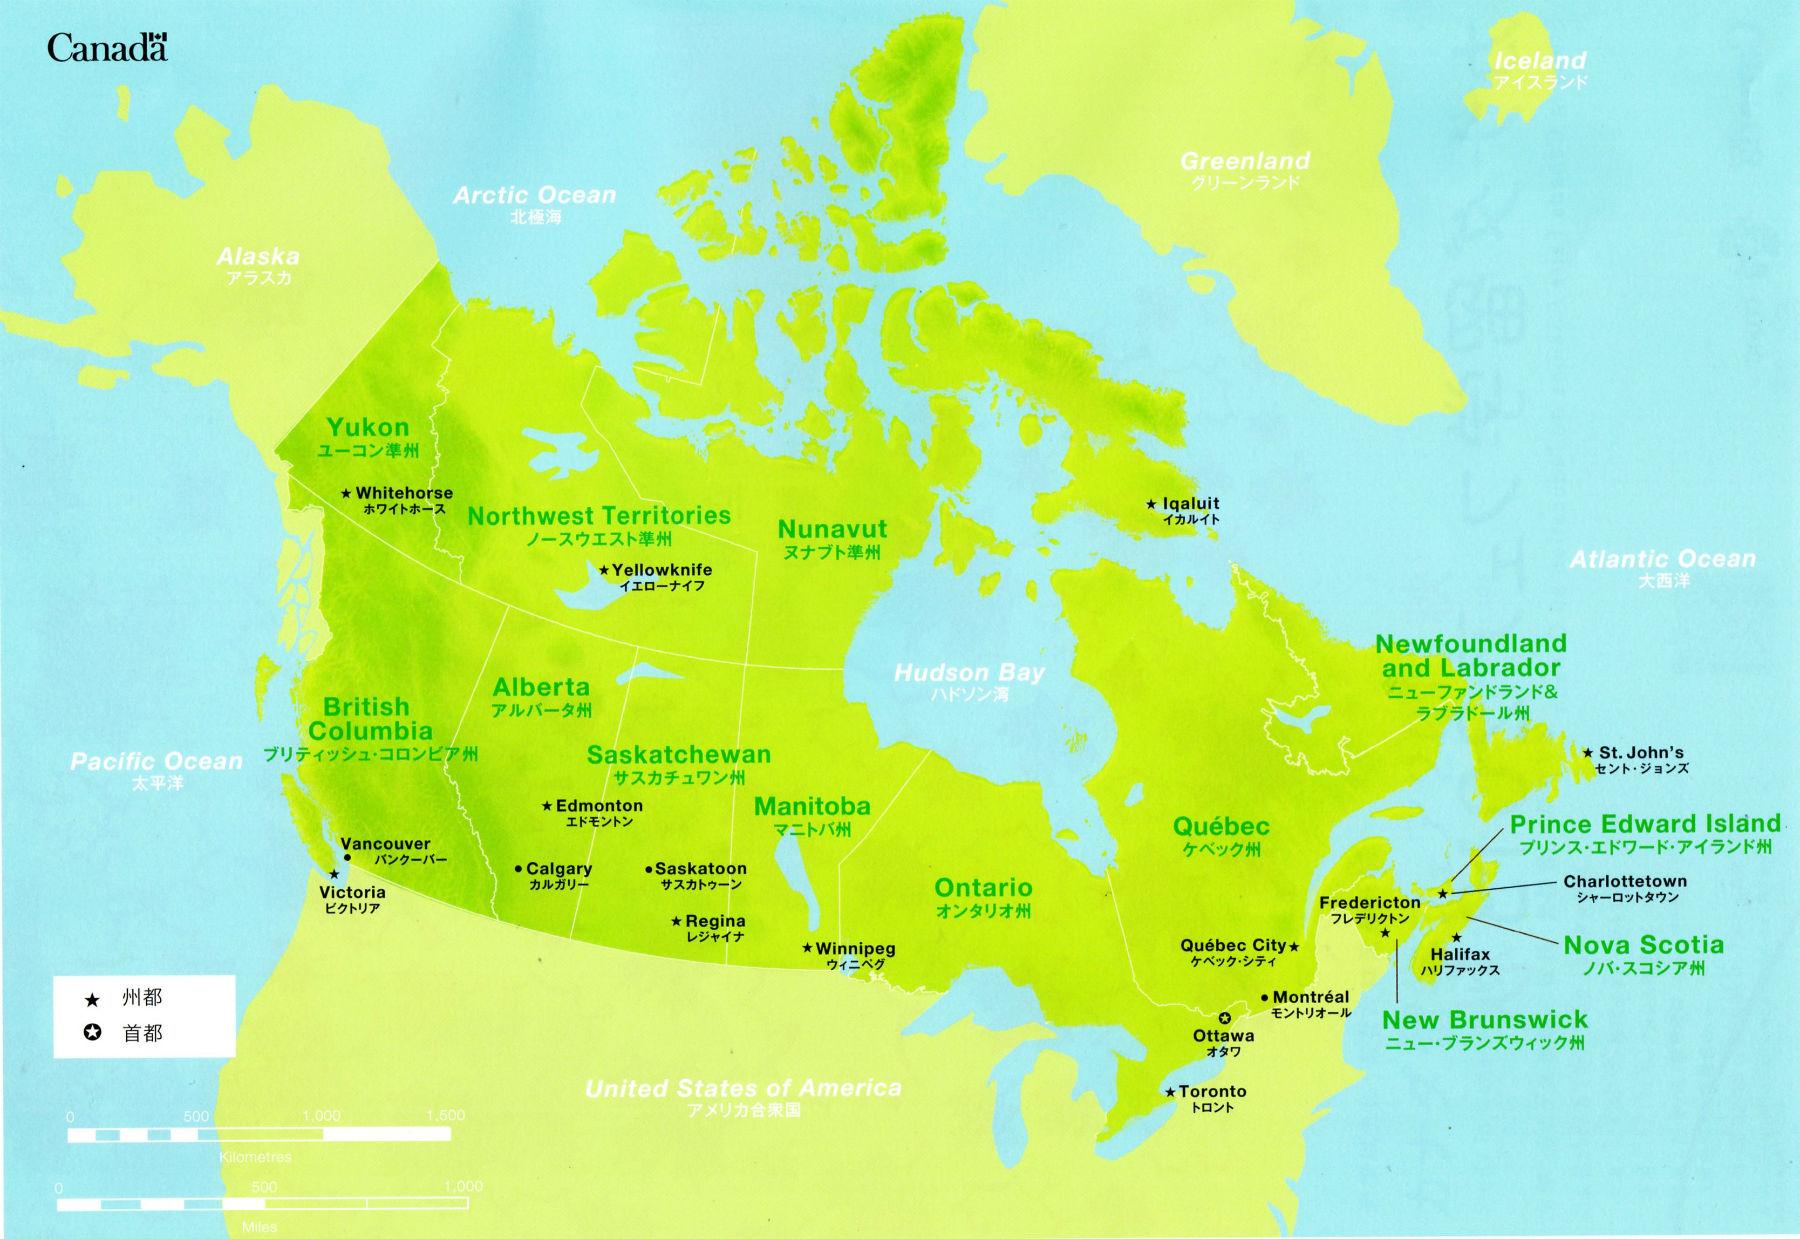 【イベント】カナダ留学フェア2014秋-教育水準は世界トップクラス!世界一生活しやすい多文化共生の国で学ぶ!